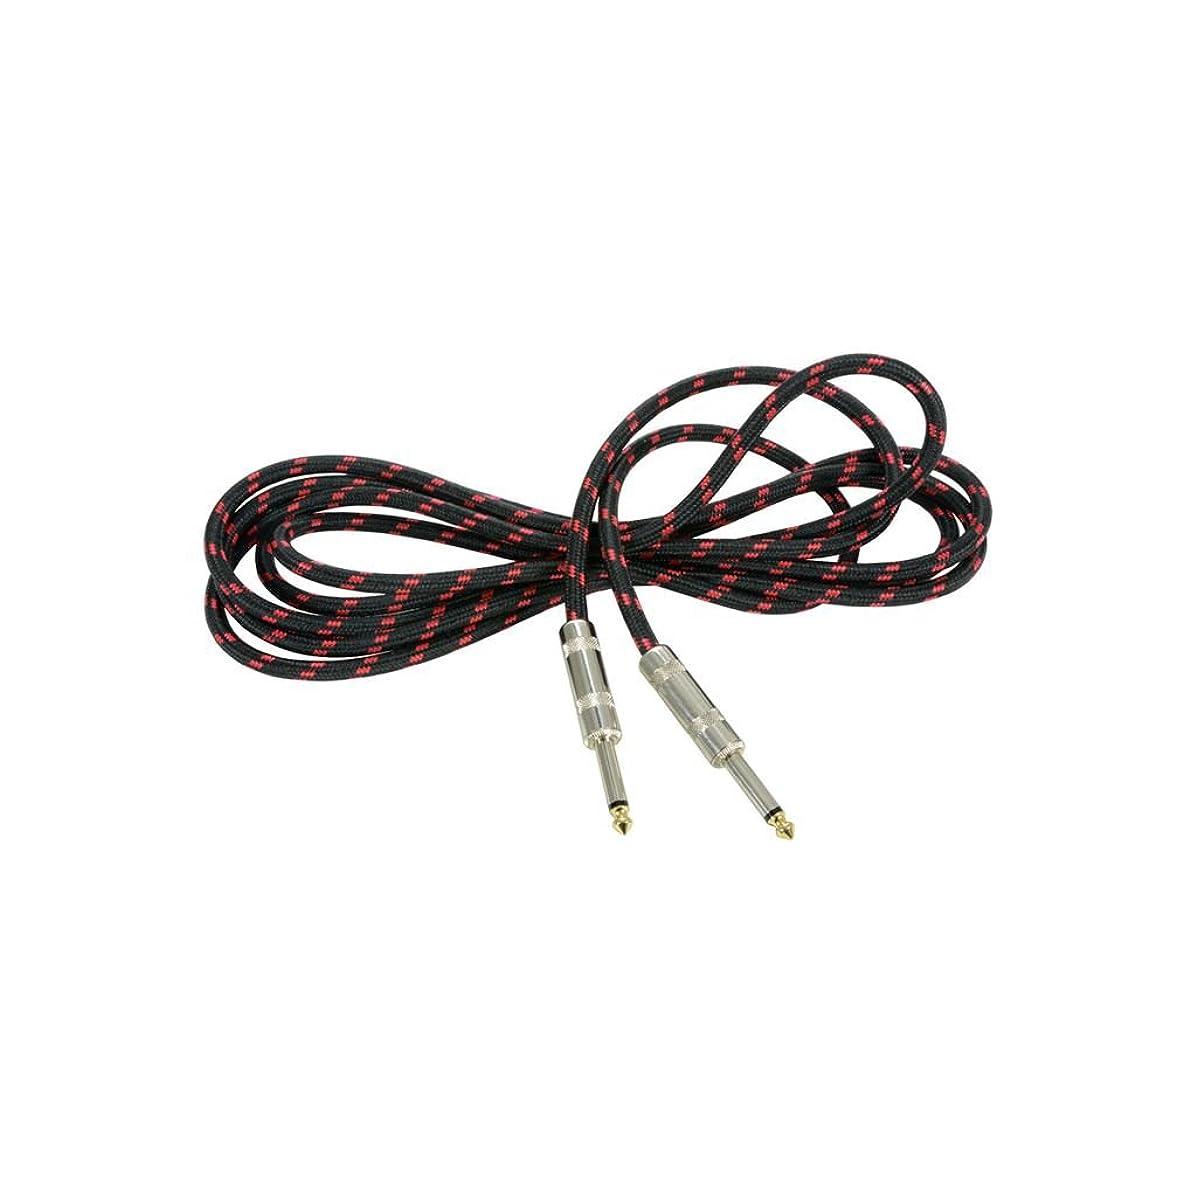 Chord   Premium Retro Guitar Lead   Black & Red 3.0m